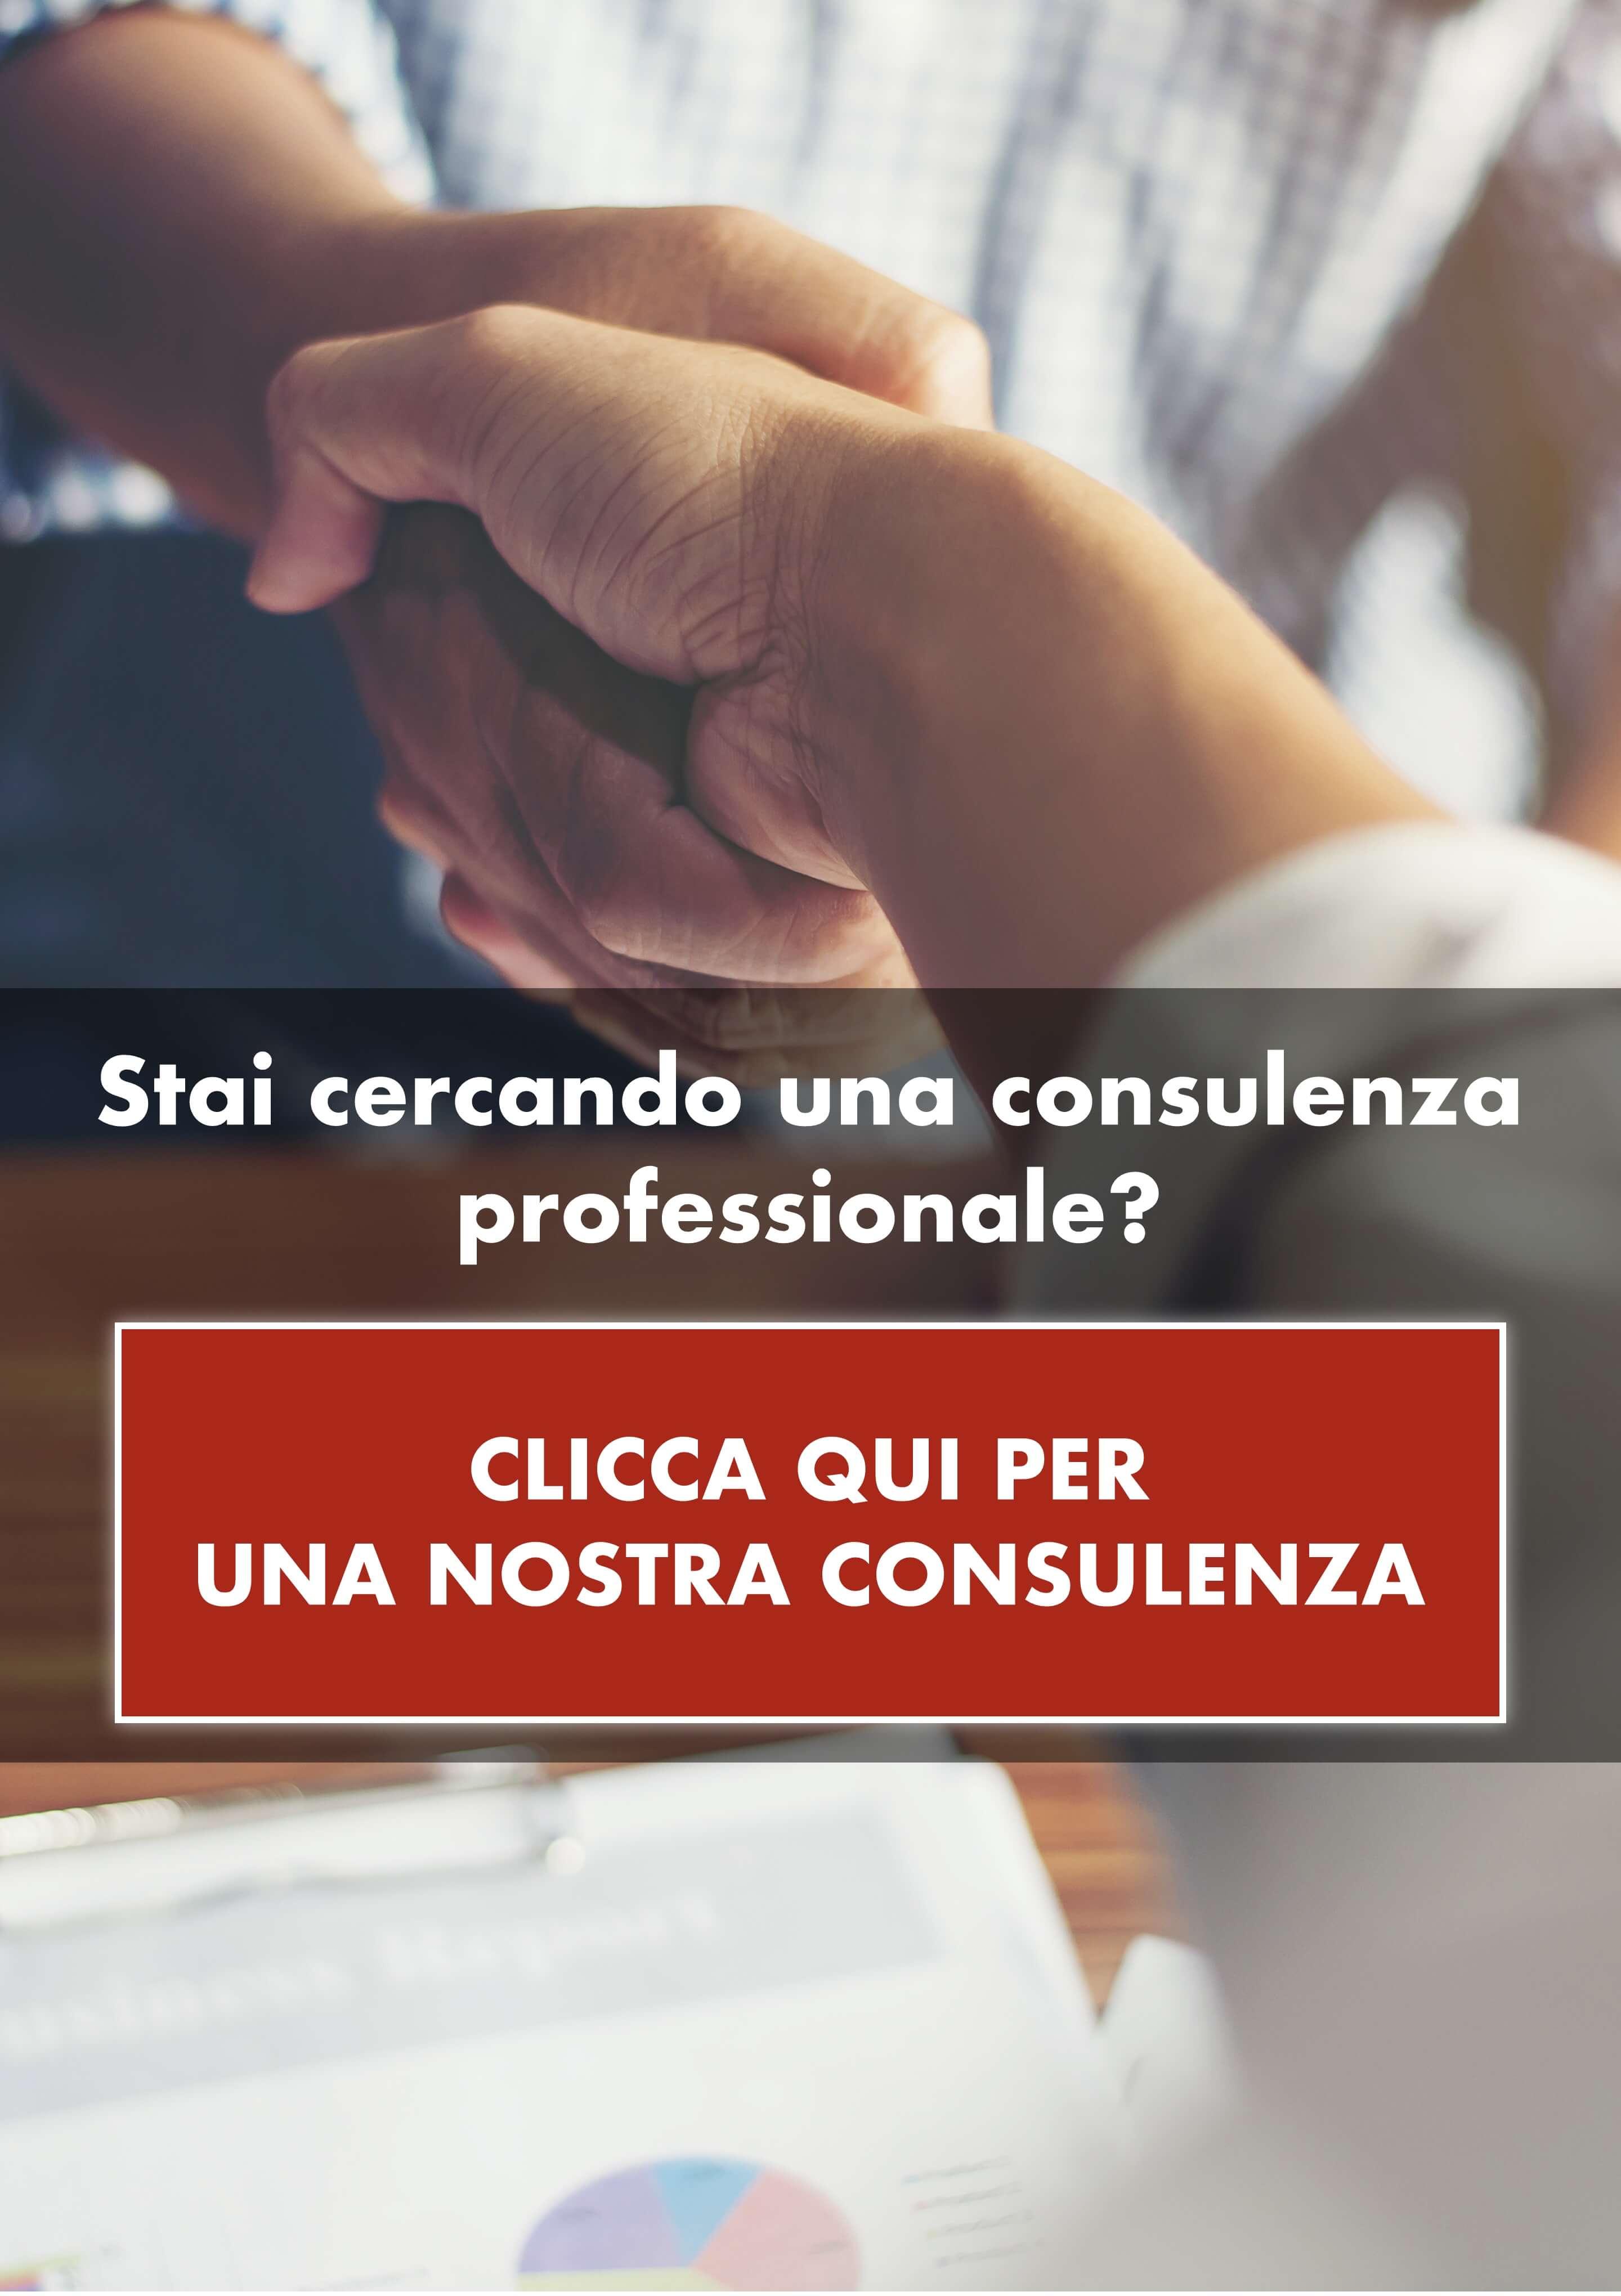 Stai cercando una consulenza professionale? CLICCA QUI PER UNA NOSTRA CONSULENZA